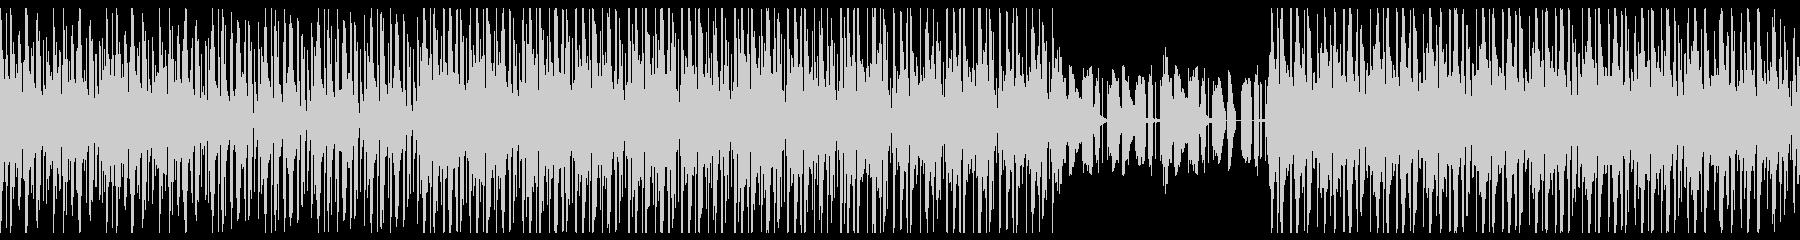 80年台、ディスコR&B風ミュージックの未再生の波形